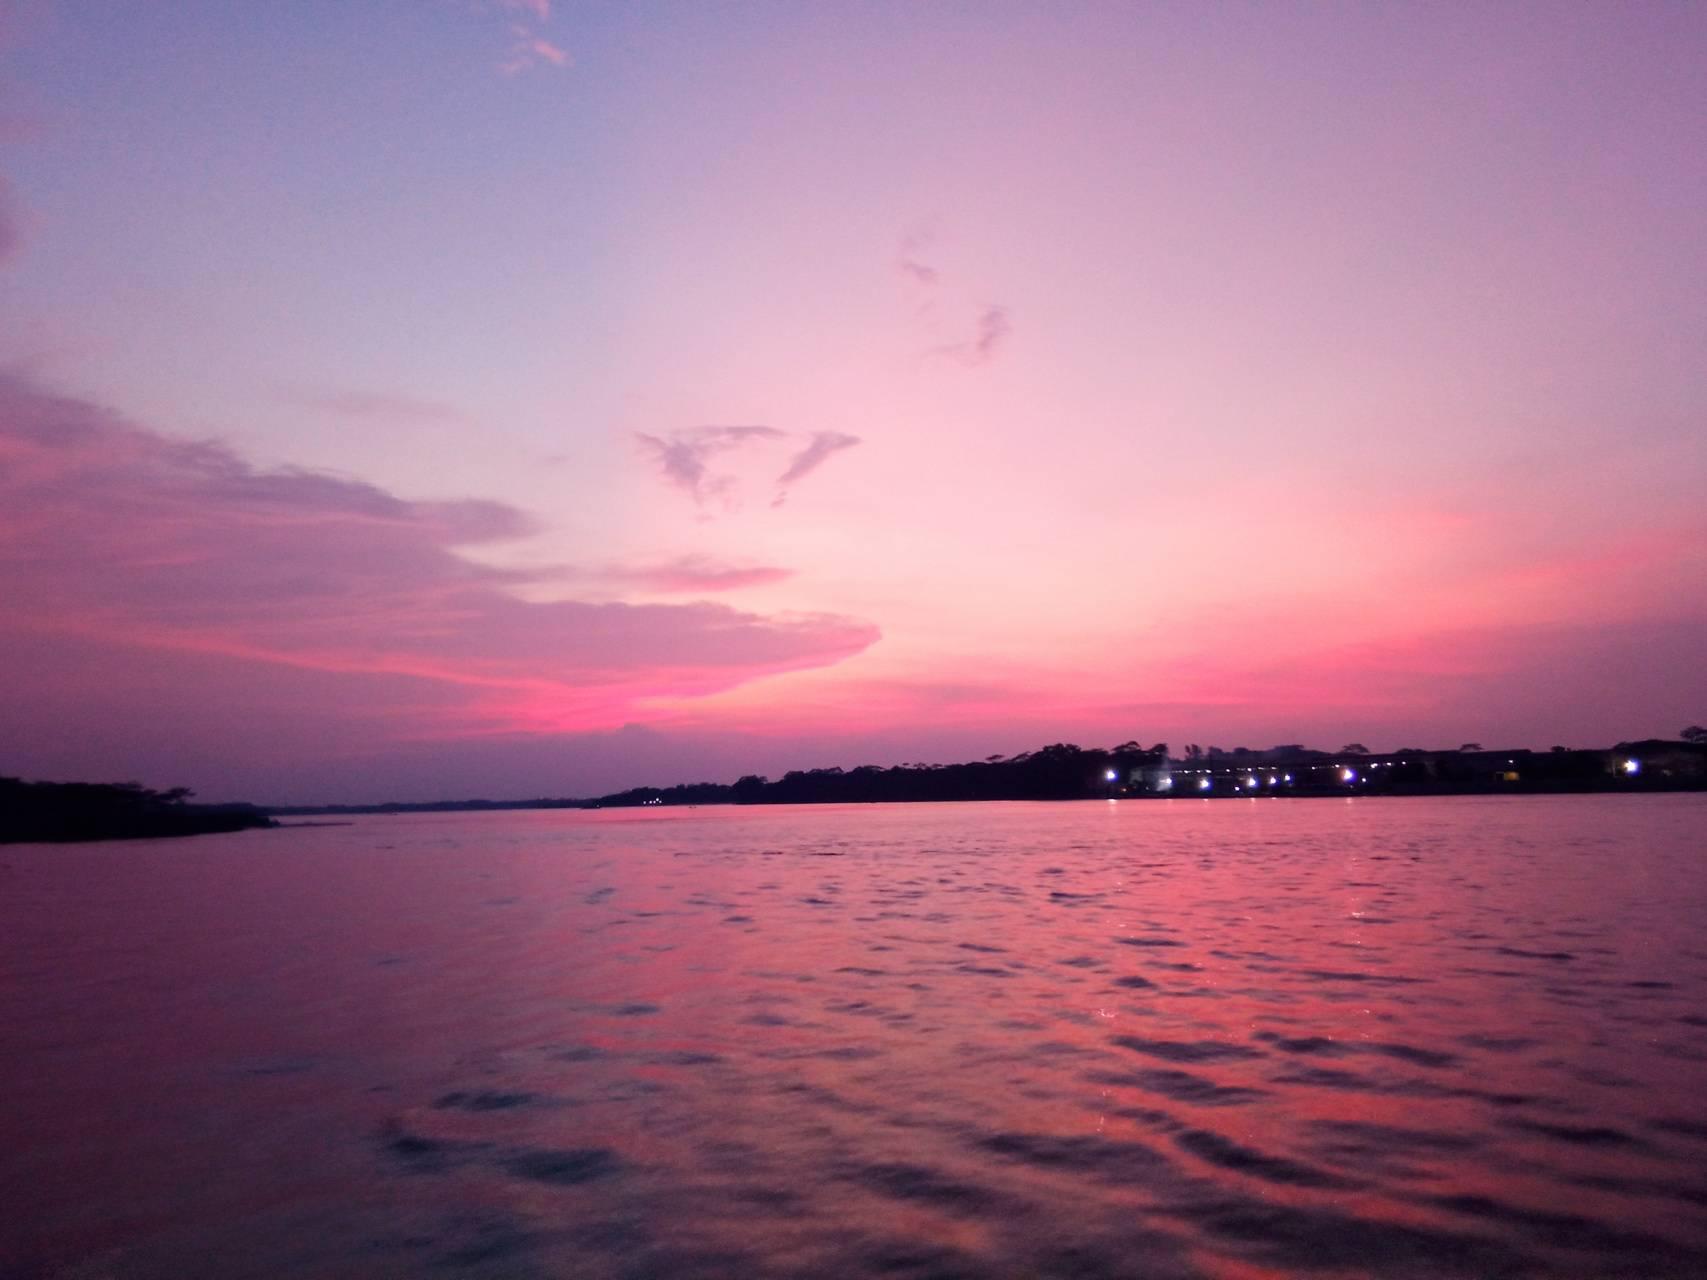 Glooming Skies